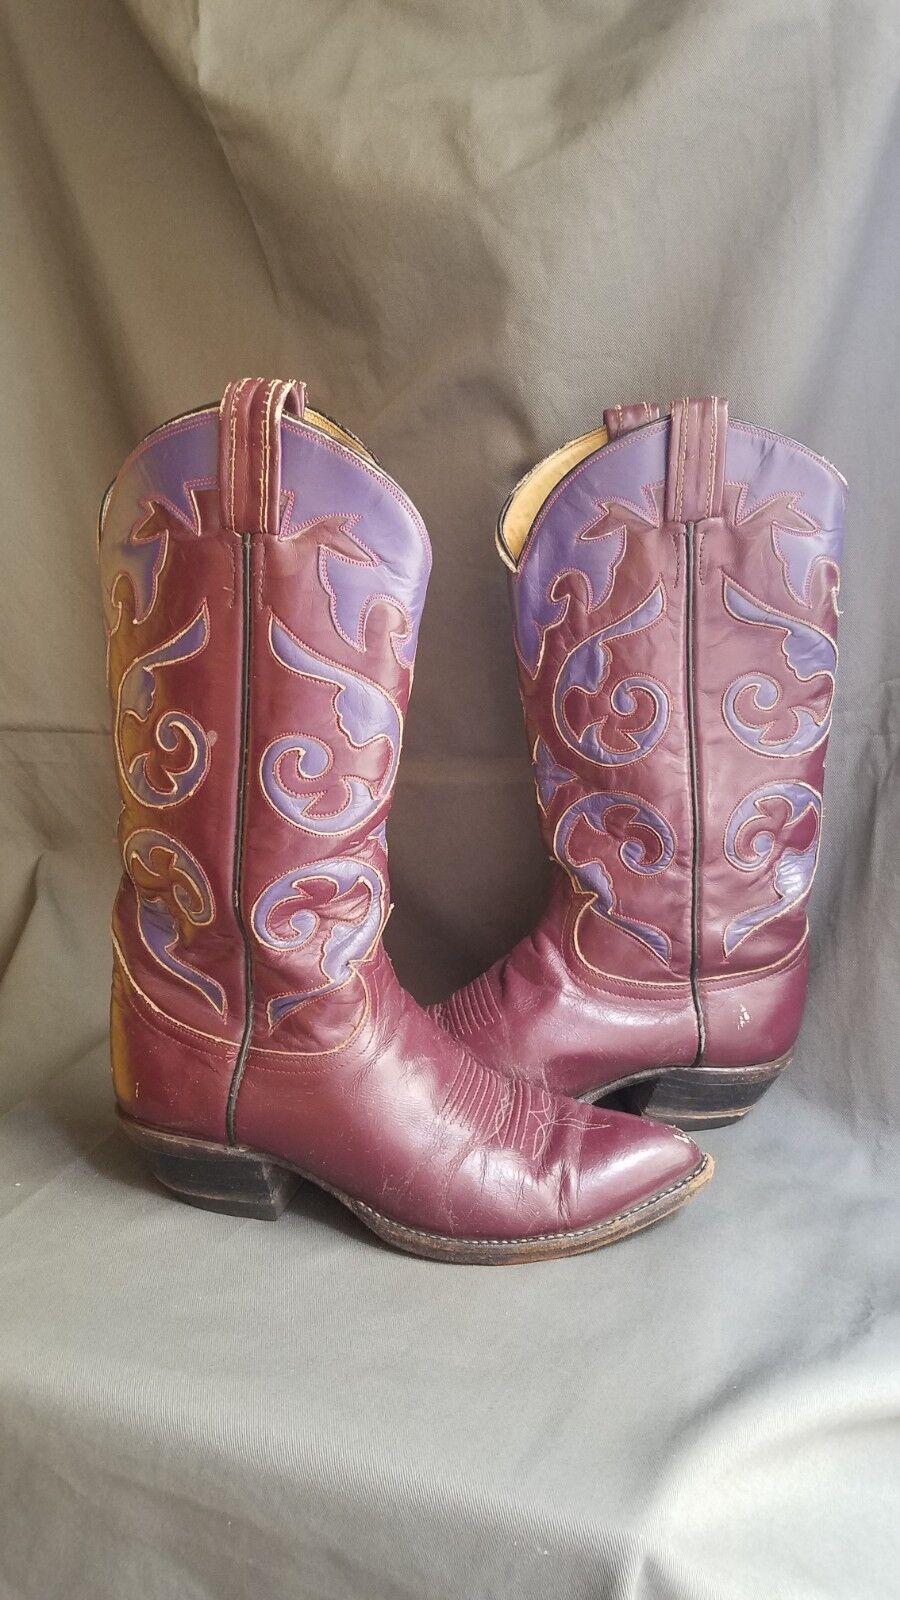 acquistare ora Vintage Multi-Colore Leather TONY LAMA COWBOY Rancher Rancher Rancher stivali nero TAG Sz-8  negozio online